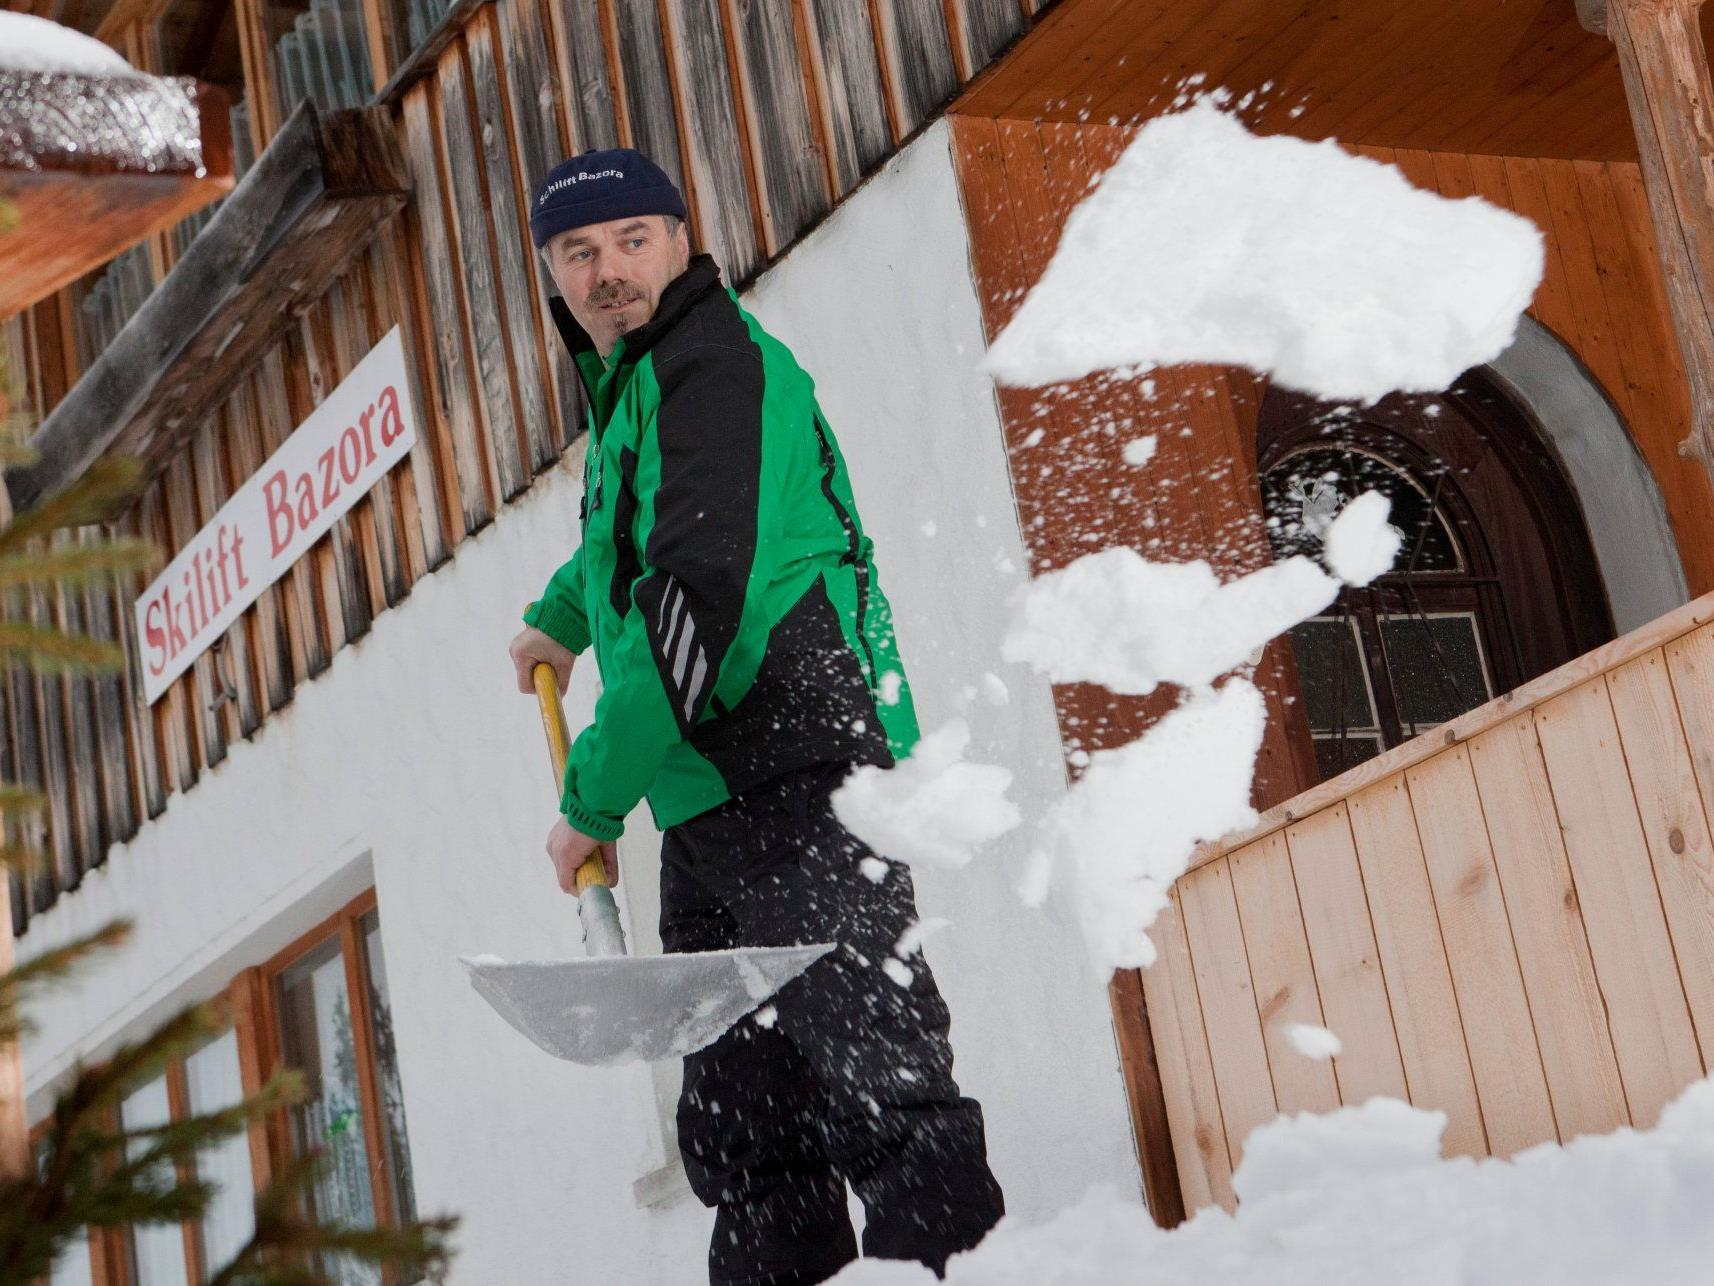 Legt für den Bazora-Skilift großes Engagement an den Tag: Anton Gabriel aus Frastanz.